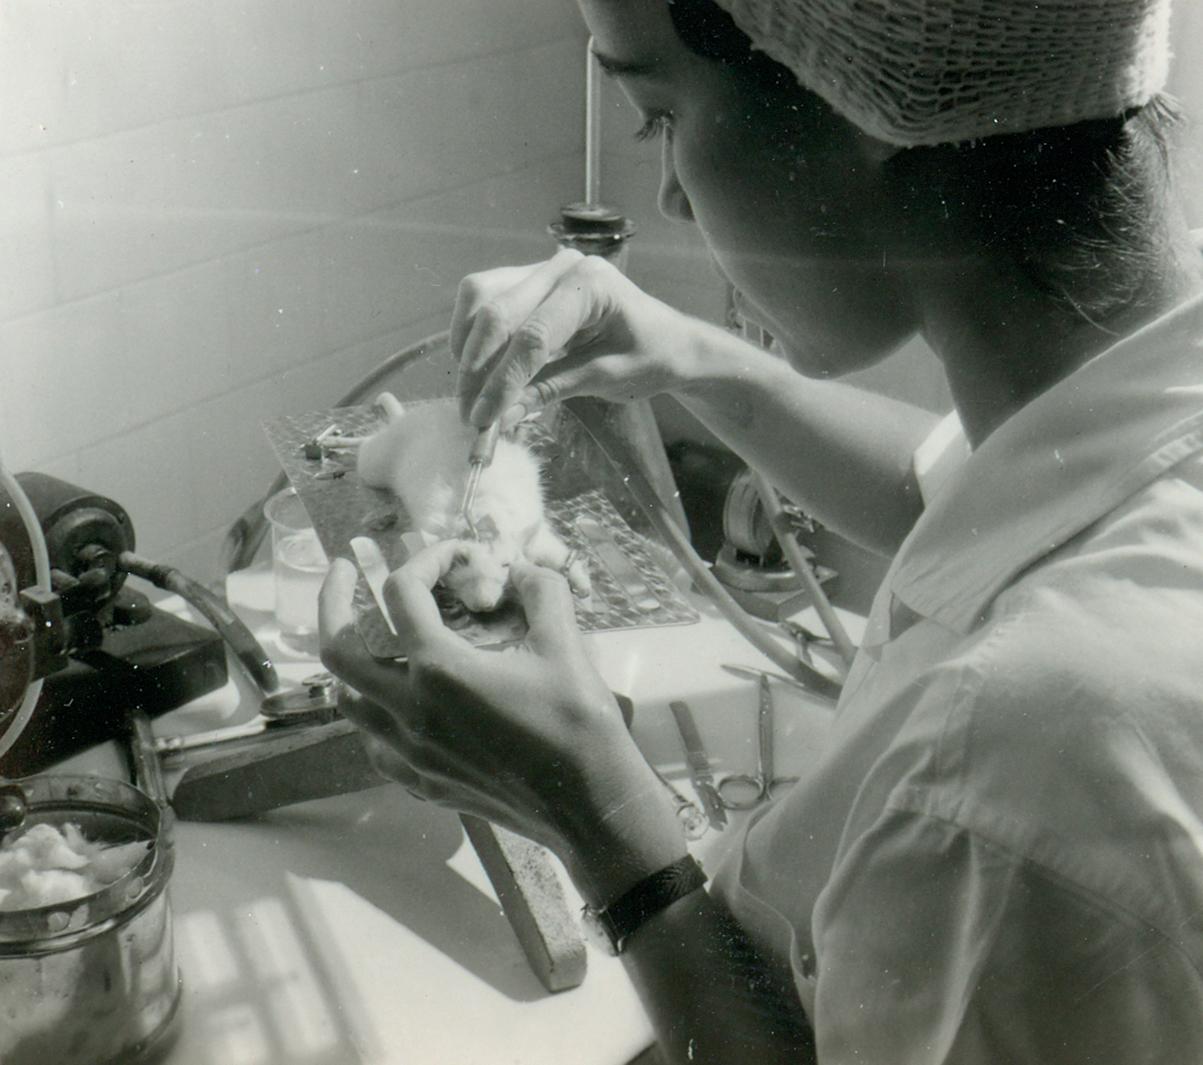 Laboratório de Psicologia Experimental - FFCL, 20.10.1965. Experimentos sobre os efeitos da Cannabis.